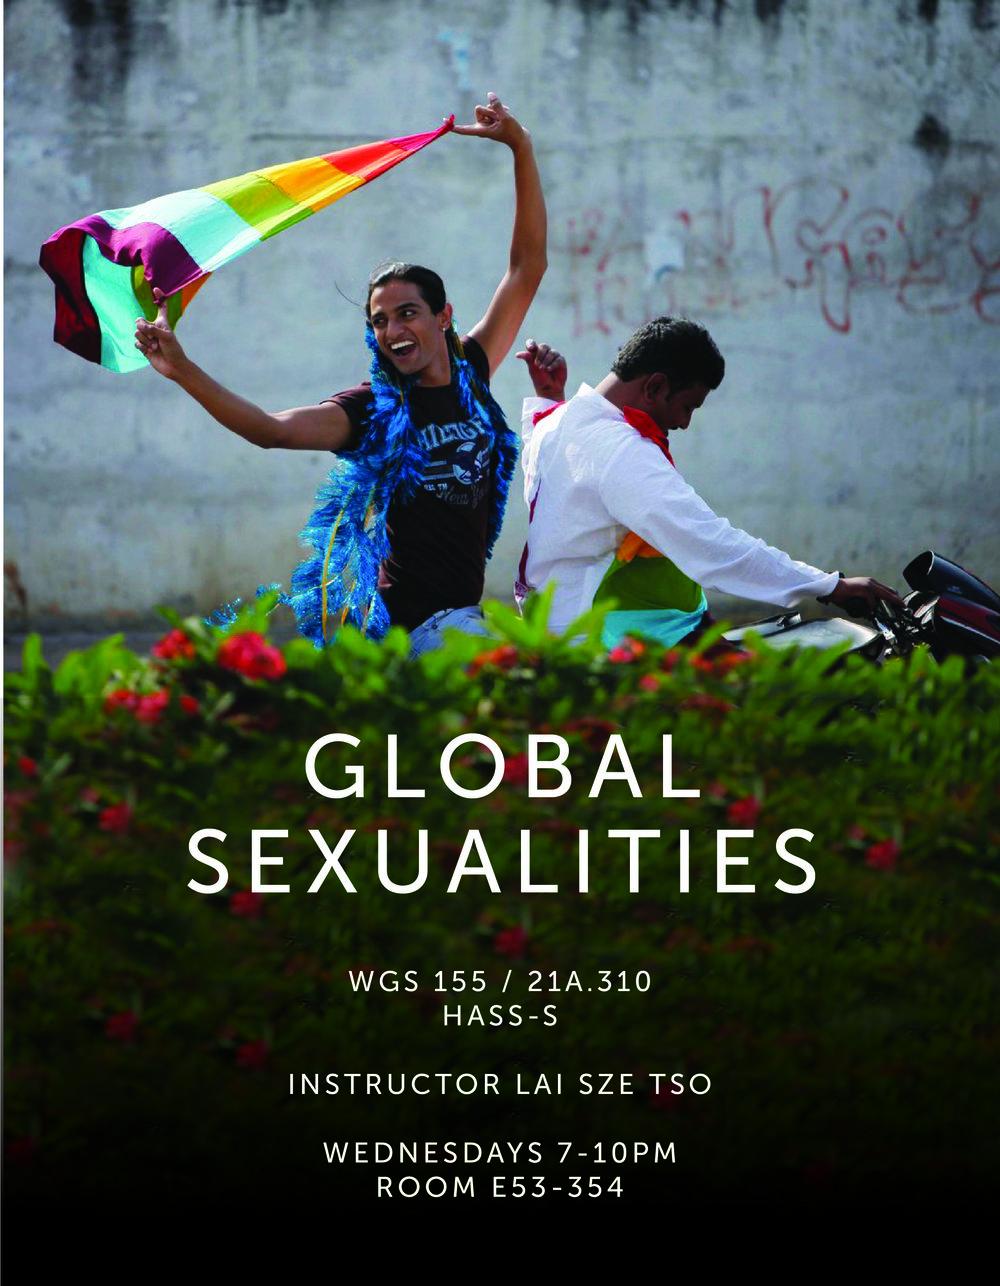 WGS.155-GlobalSexualities-F-01.jpg